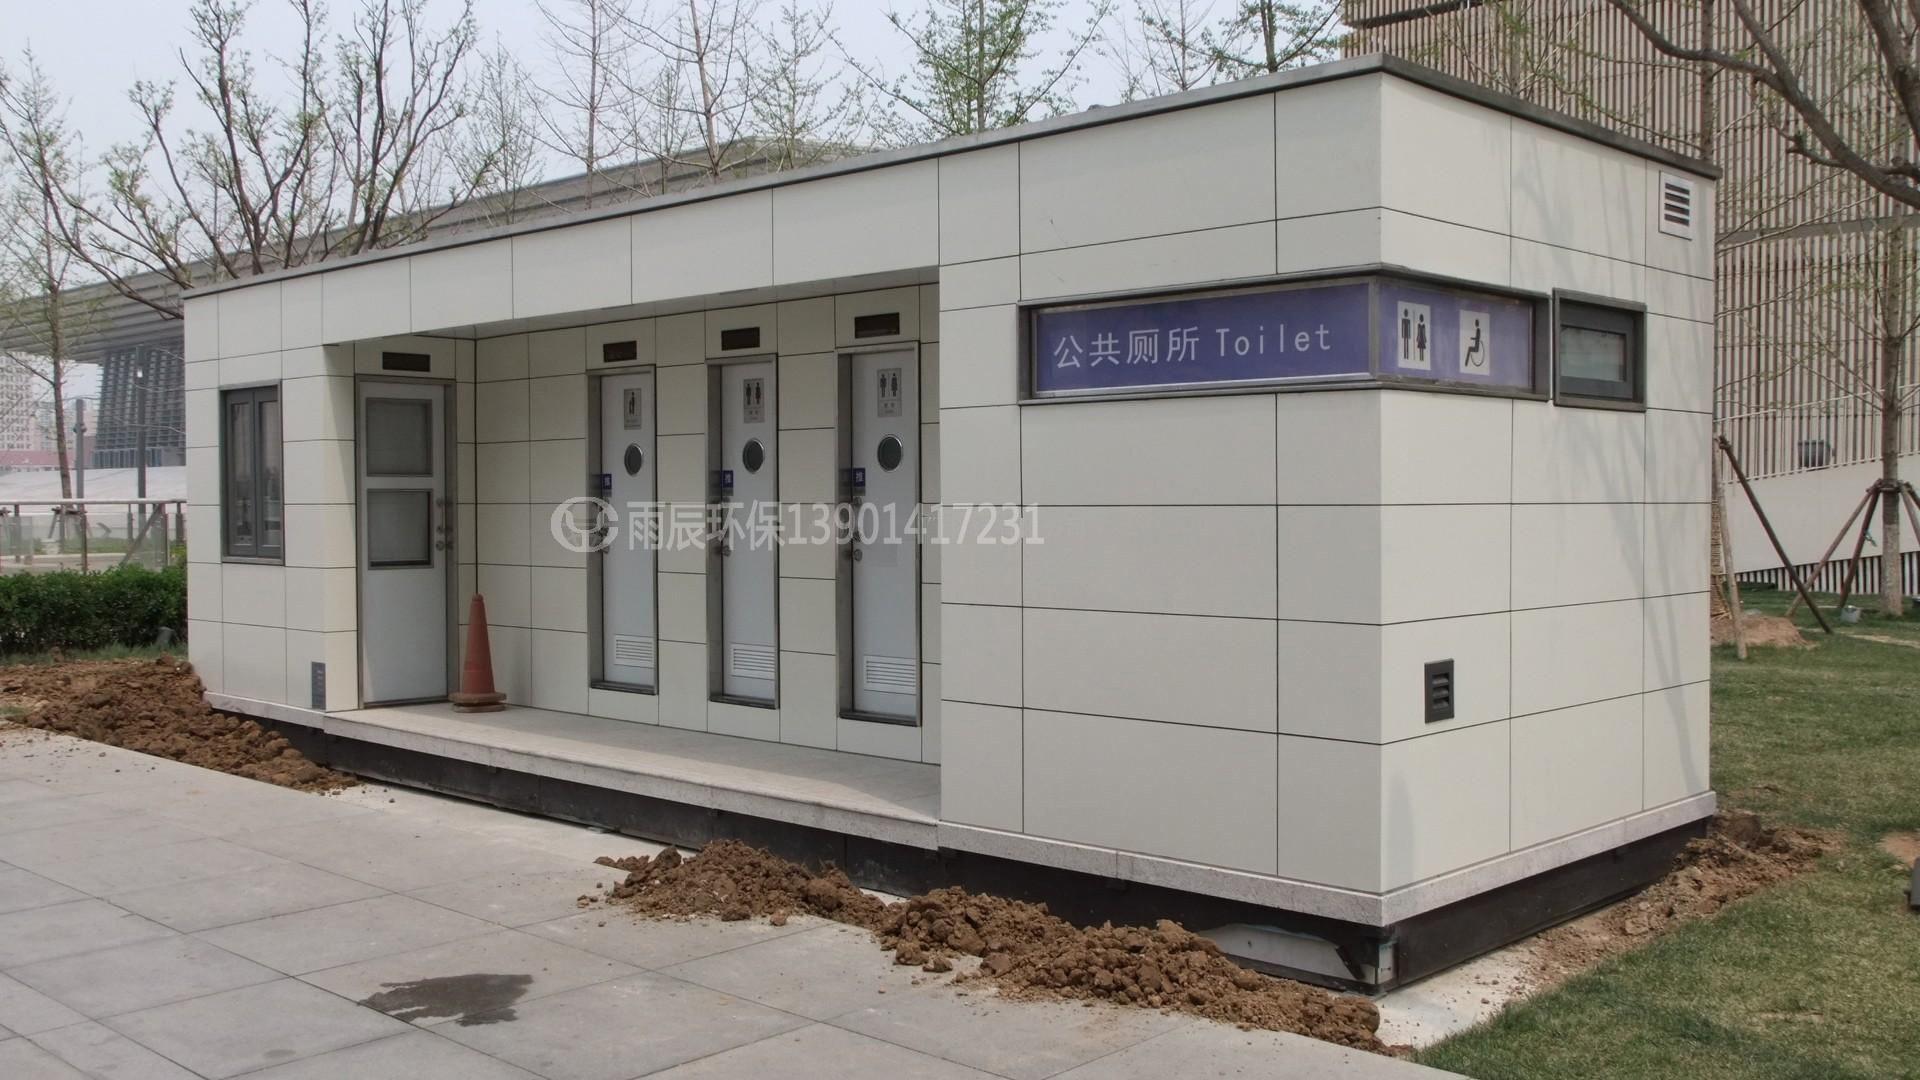 WCE-JS40201 经济适用公厕